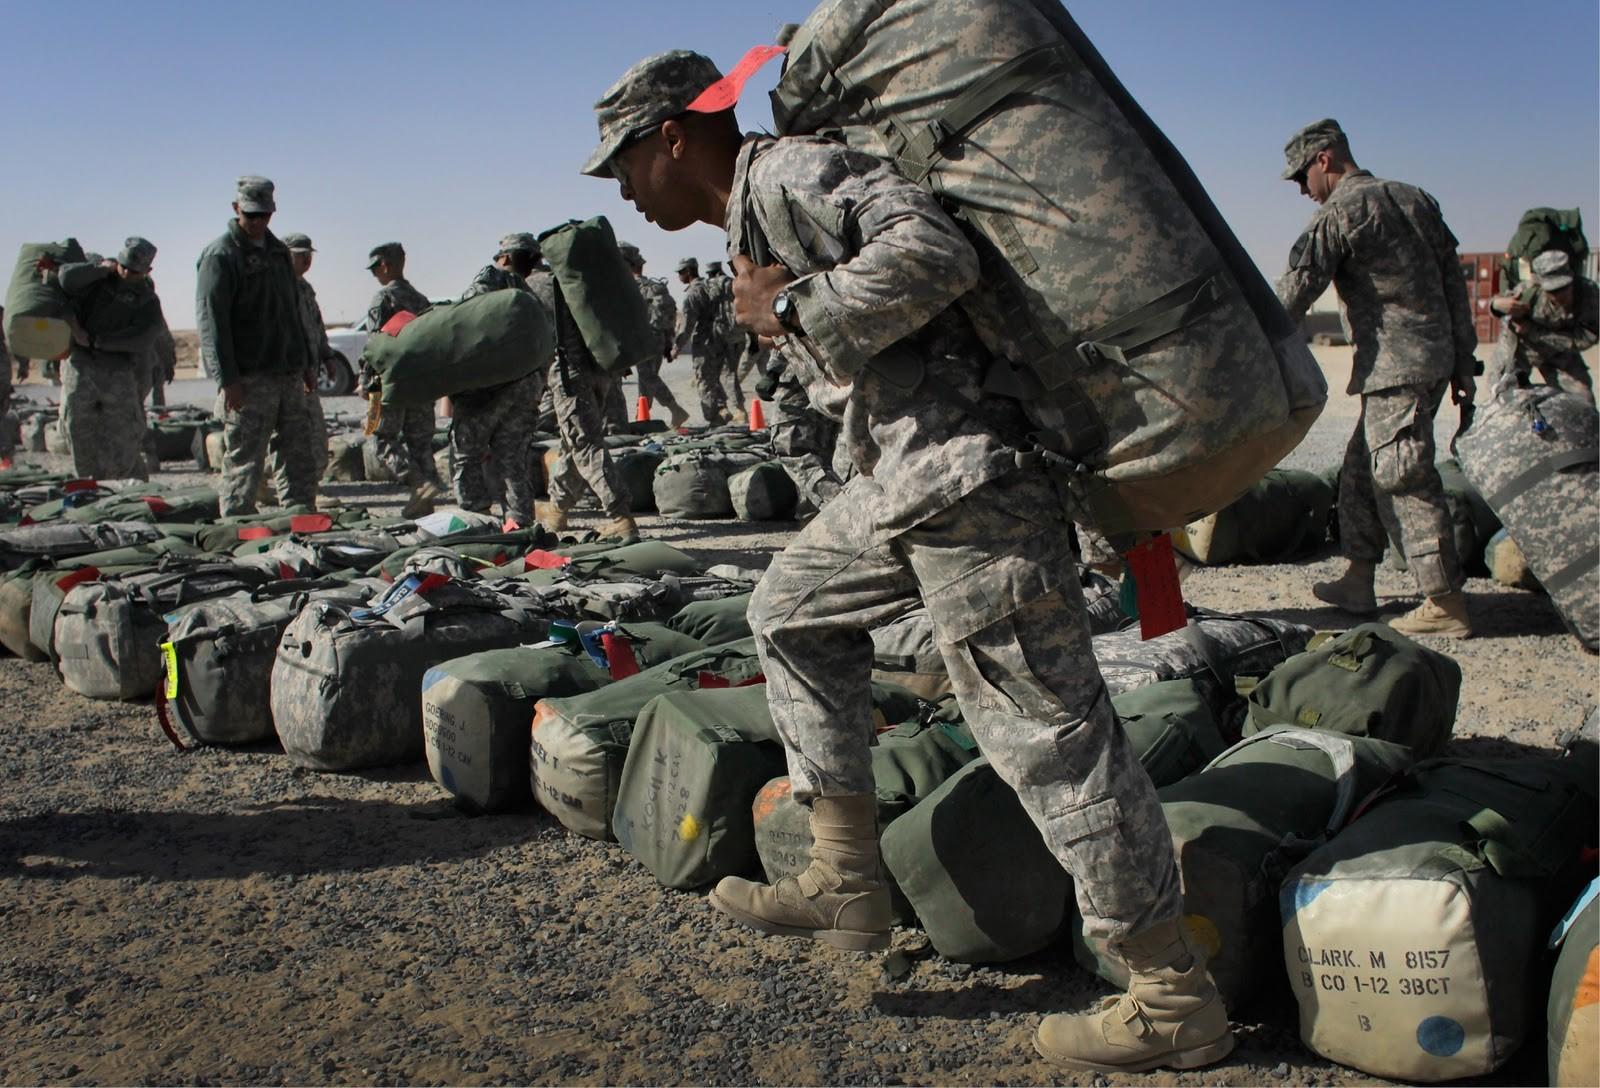 سفير العراق في روسيا: عدم إمكانية إنشاء قواعد أميركية في العراق